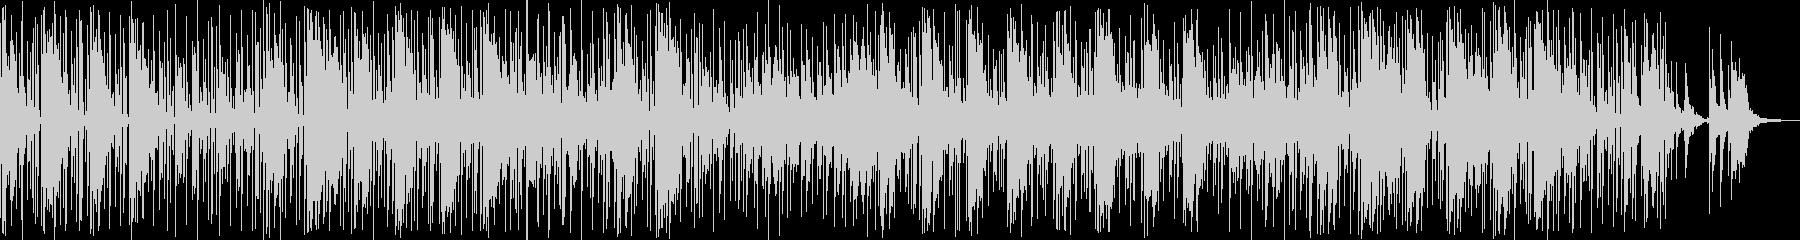 ドラム、ベース、エレクトリックピア...の未再生の波形